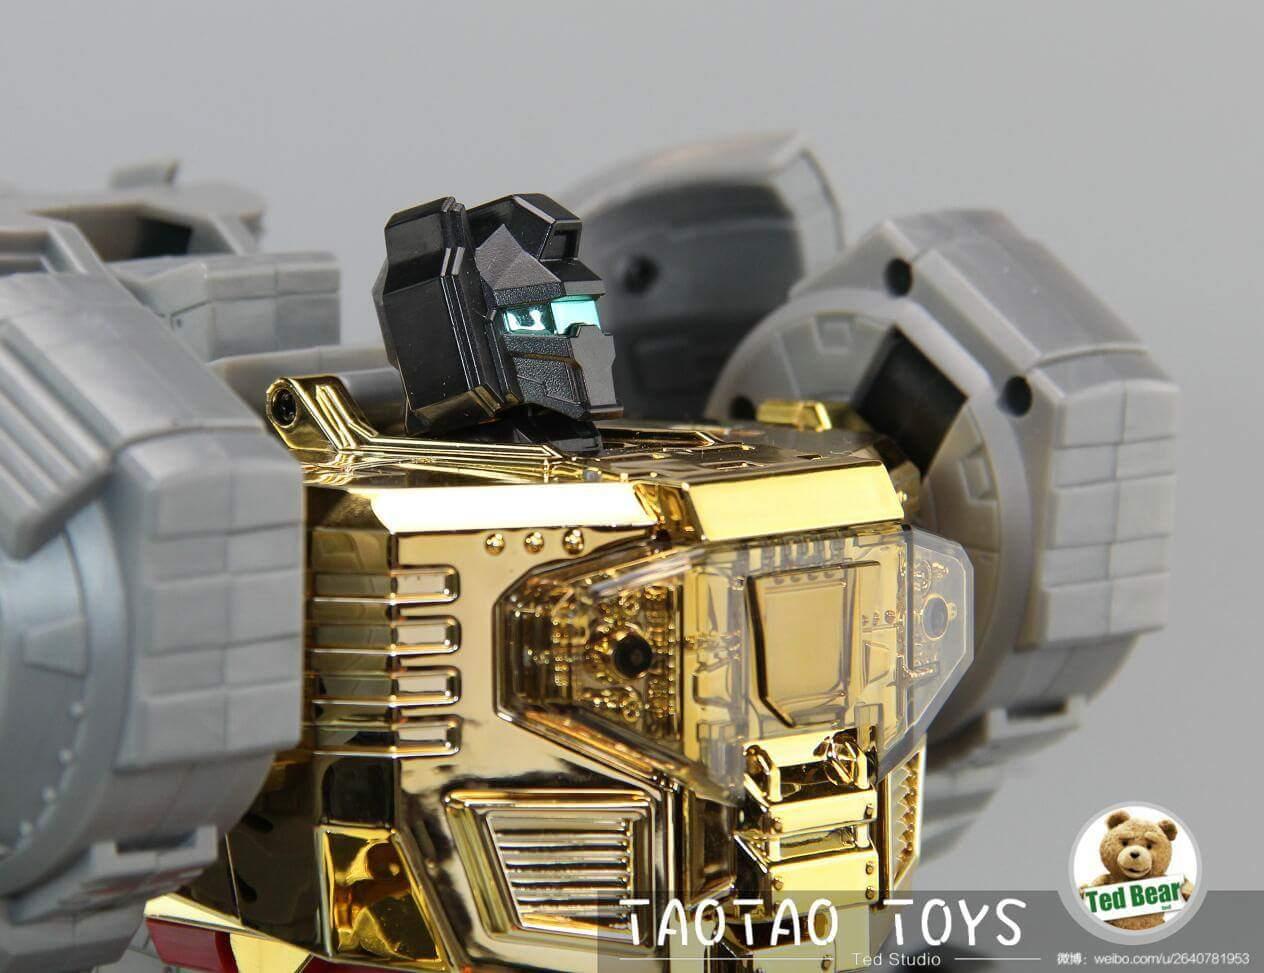 [Fanstoys] Produit Tiers - Dinobots - FT-04 Scoria, FT-05 Soar, FT-06 Sever, FT-07 Stomp, FT-08 Grinder - Page 10 YkuDohHg